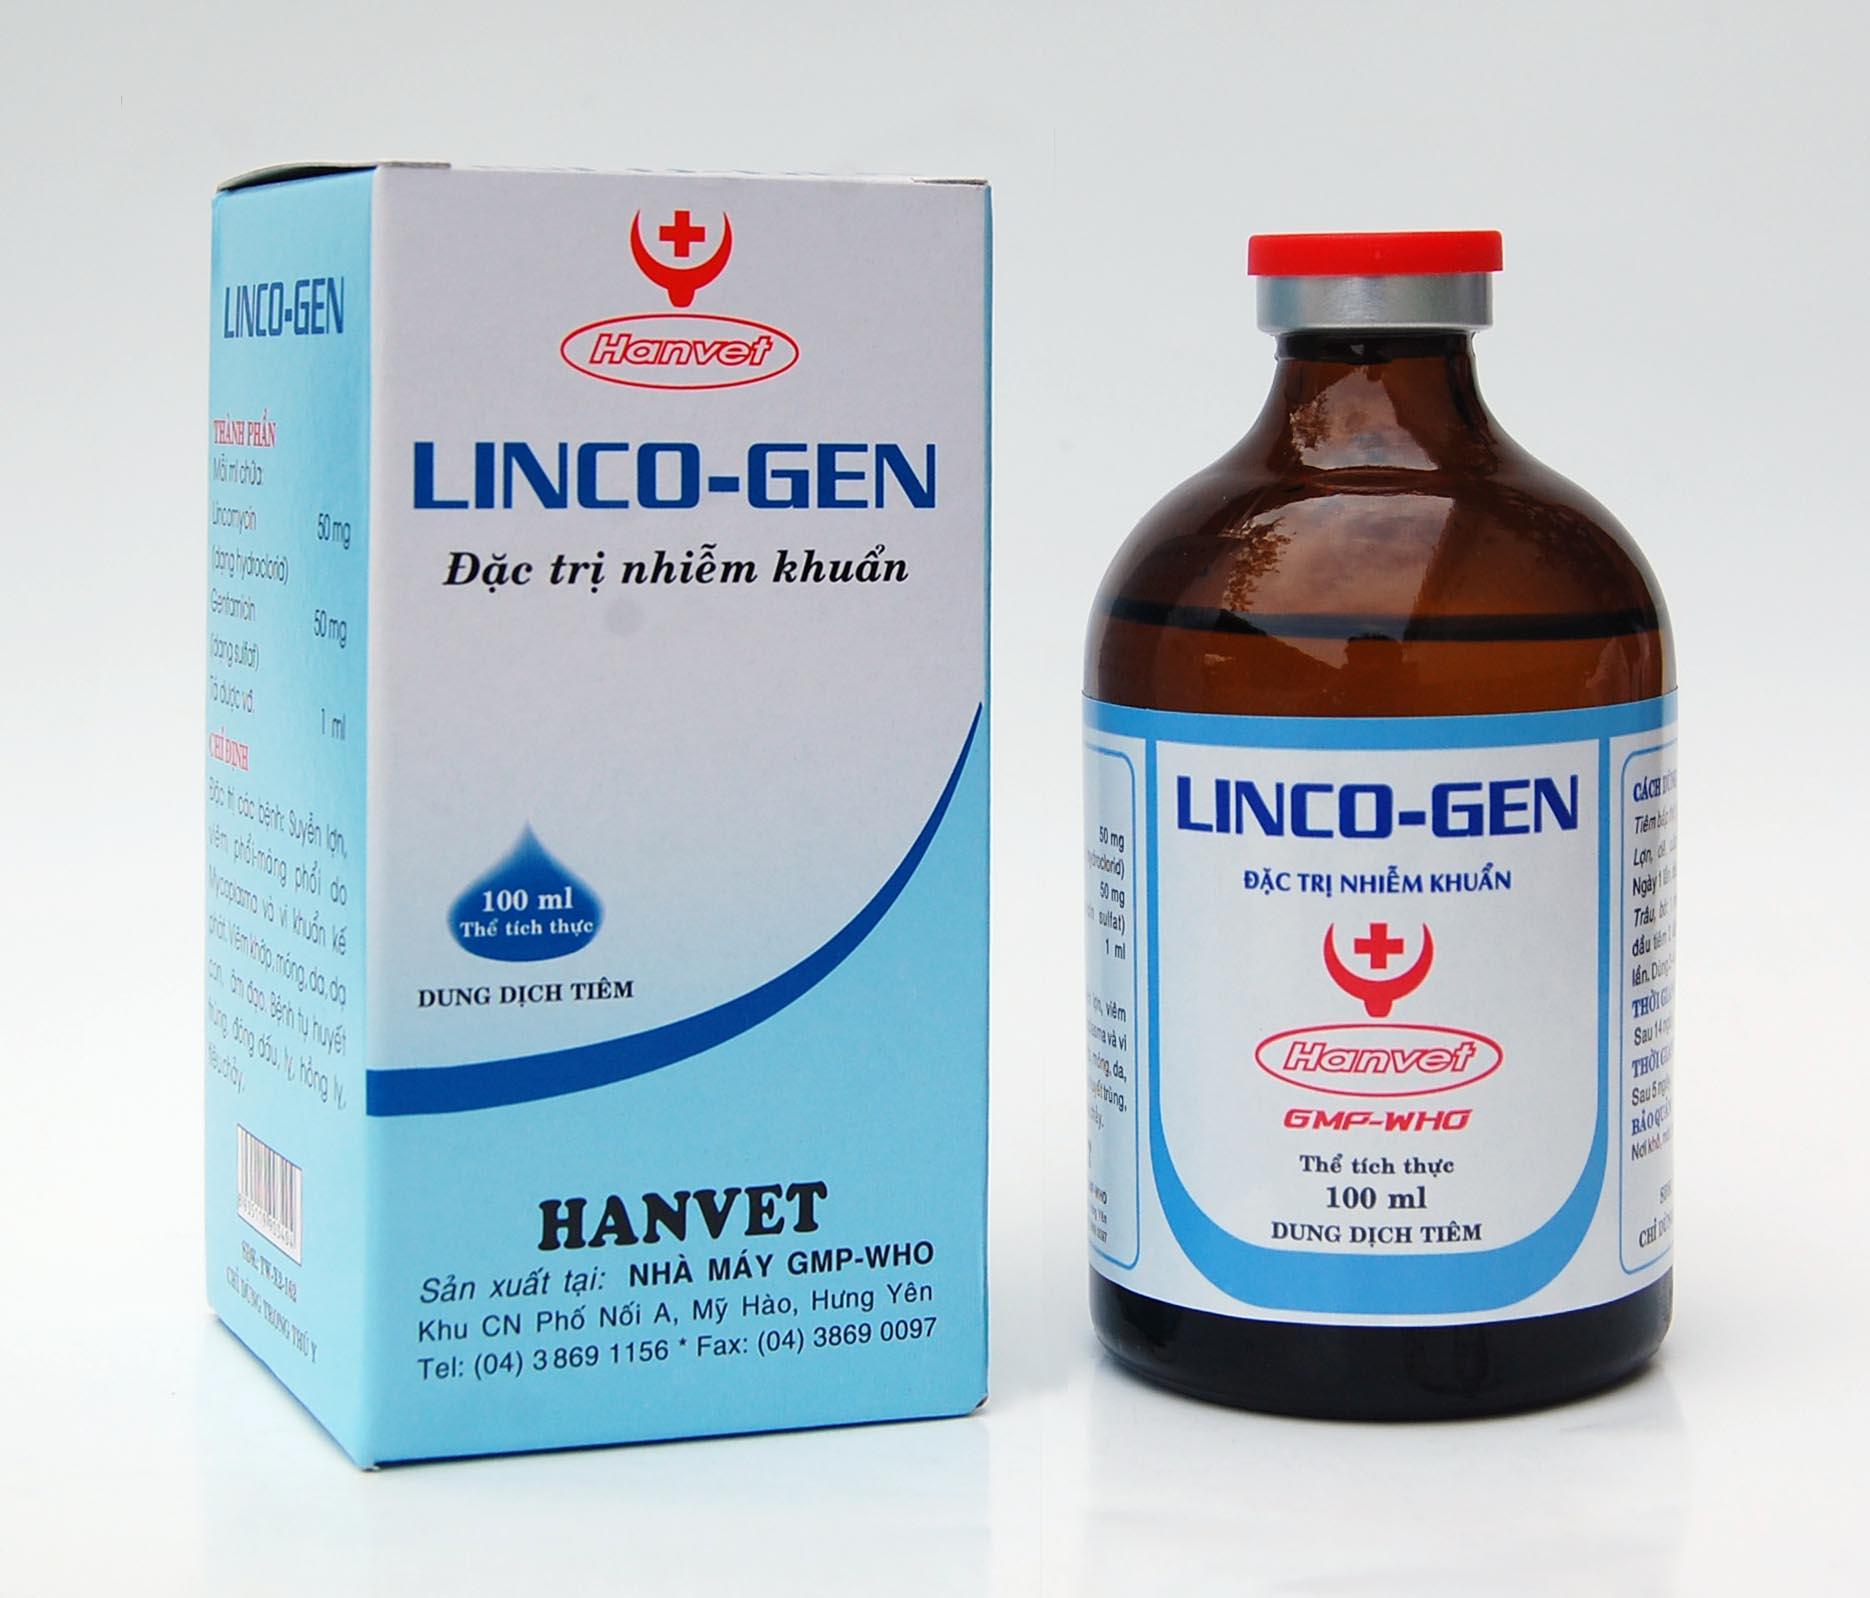 LINCO-GEN